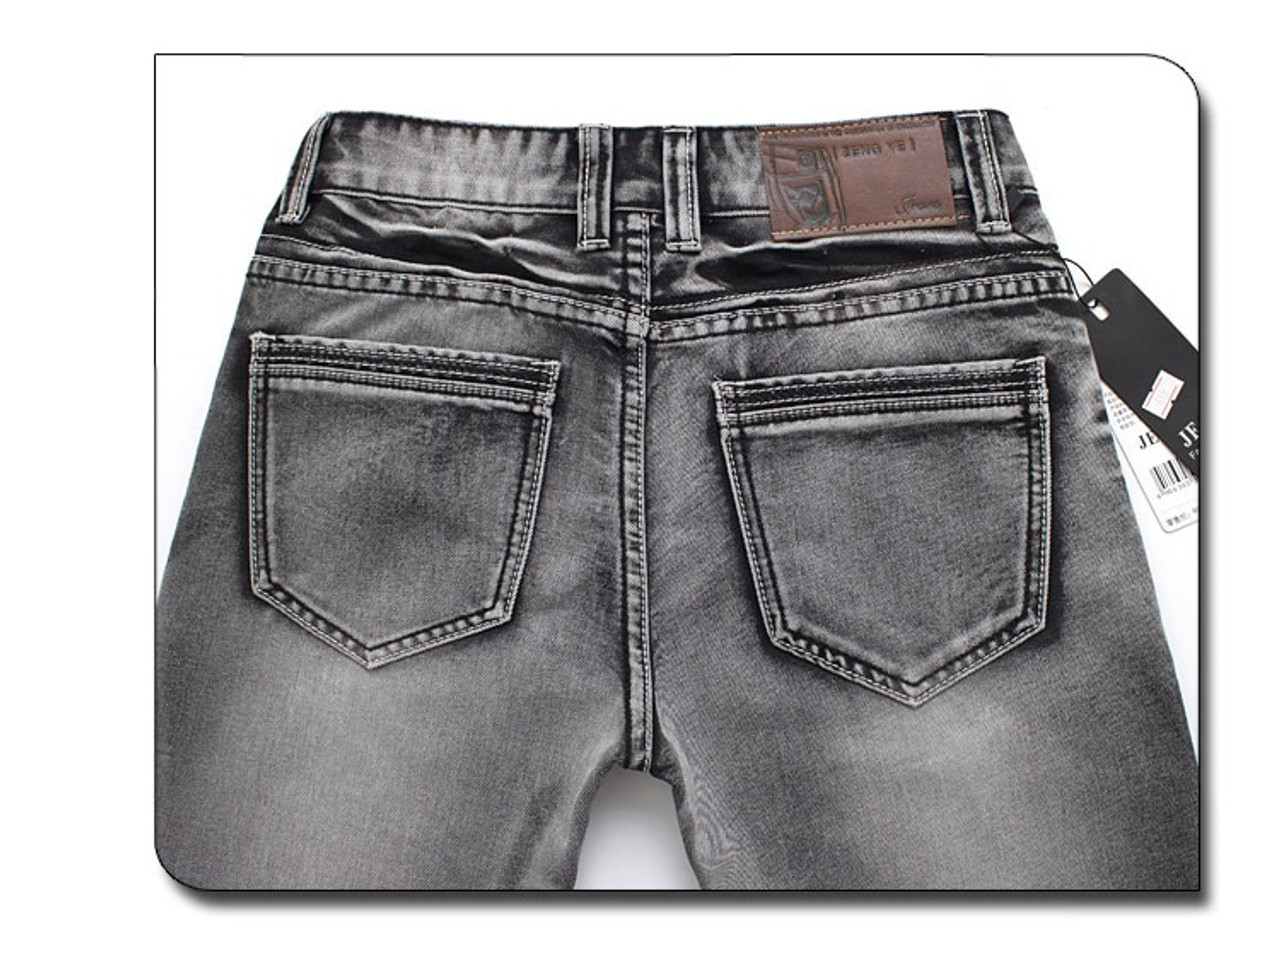 a55ec6828b6 ... AIRGRACIAS Mens Jeans Classic Retro Nostalgia Straight Denim Jeans Men  Plus Size 28-38 Men ...